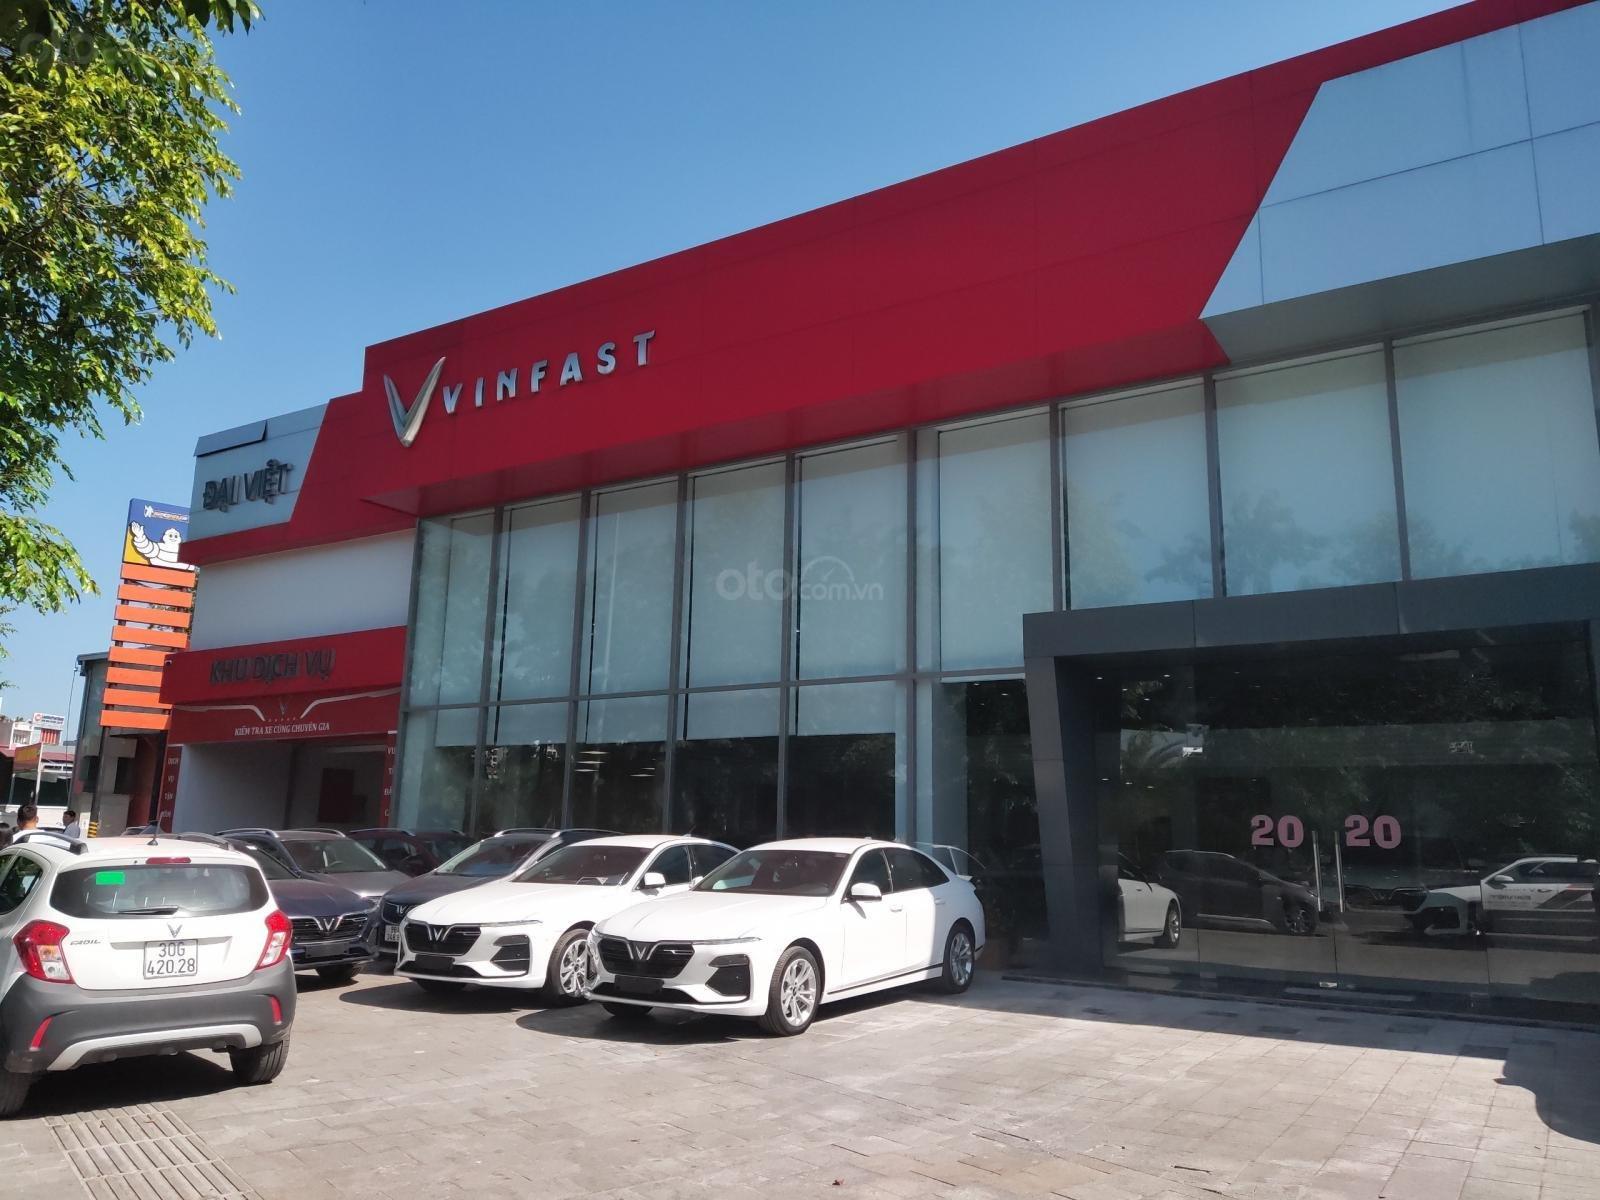 Vinfast - Chevrolet Đại Việt (11)